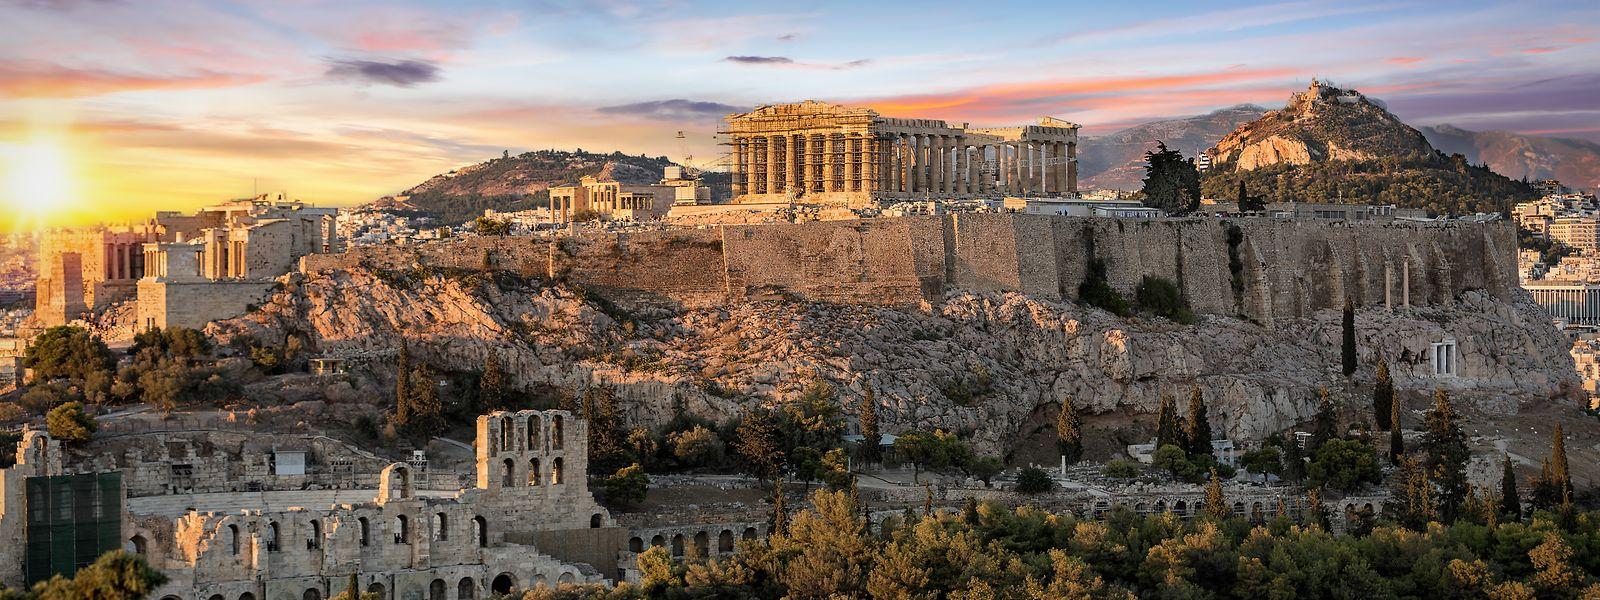 Das neue Tourismusmotto in Griechenland soll lauten: mehr Luxus, weniger Masse.